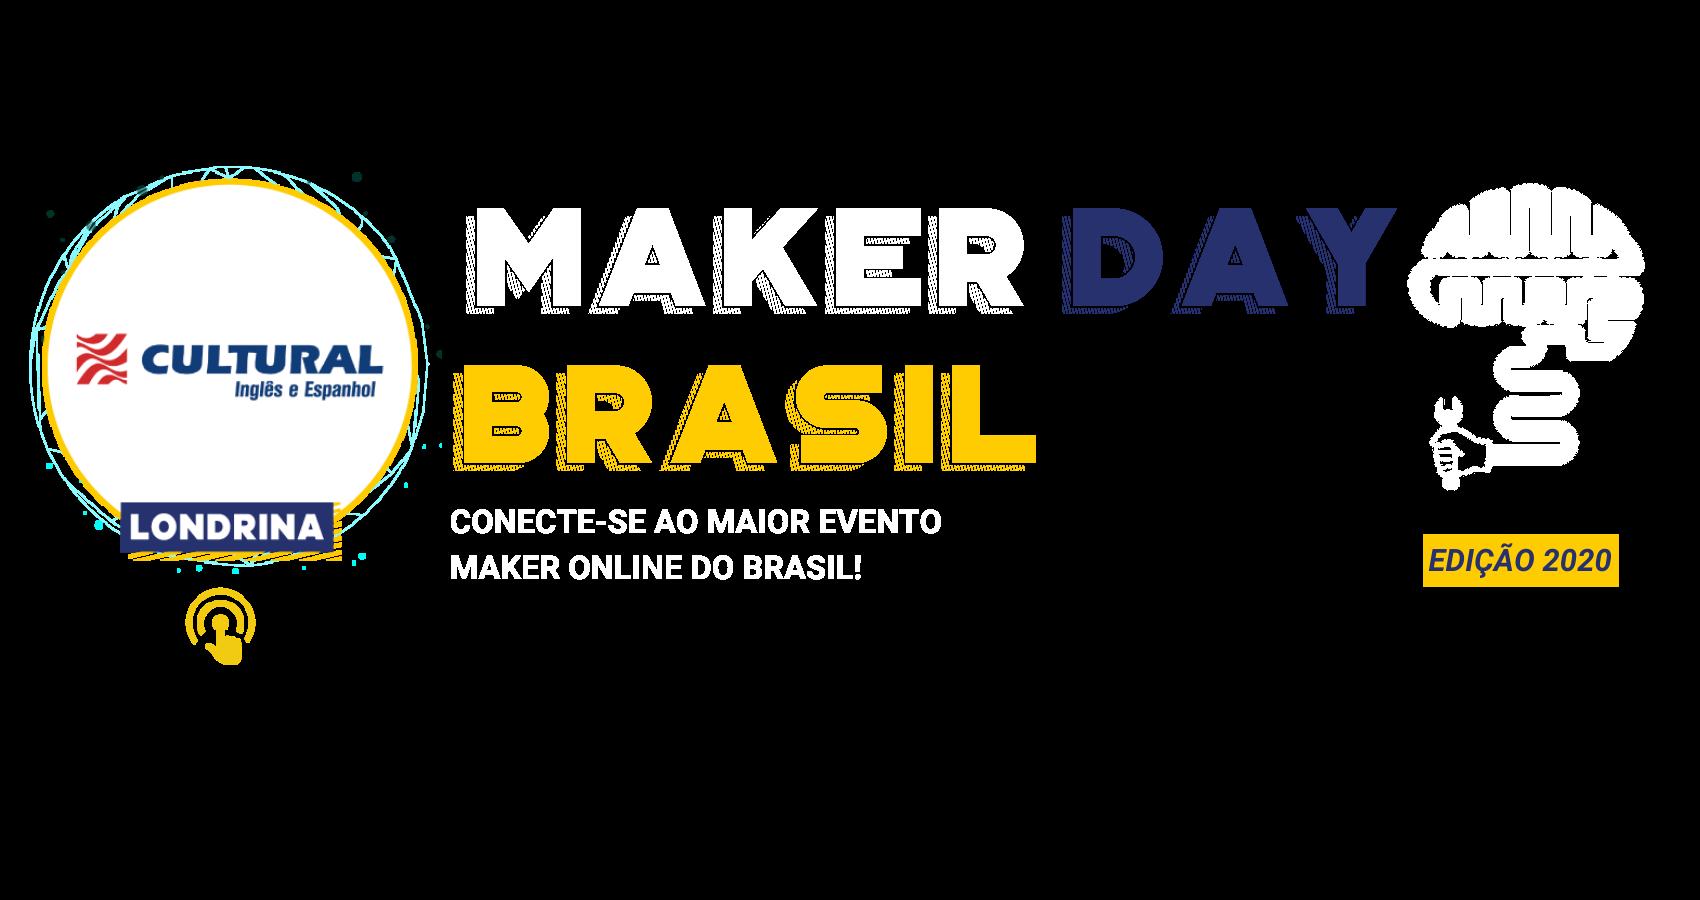 Maker Day Brasil Capa Londrina